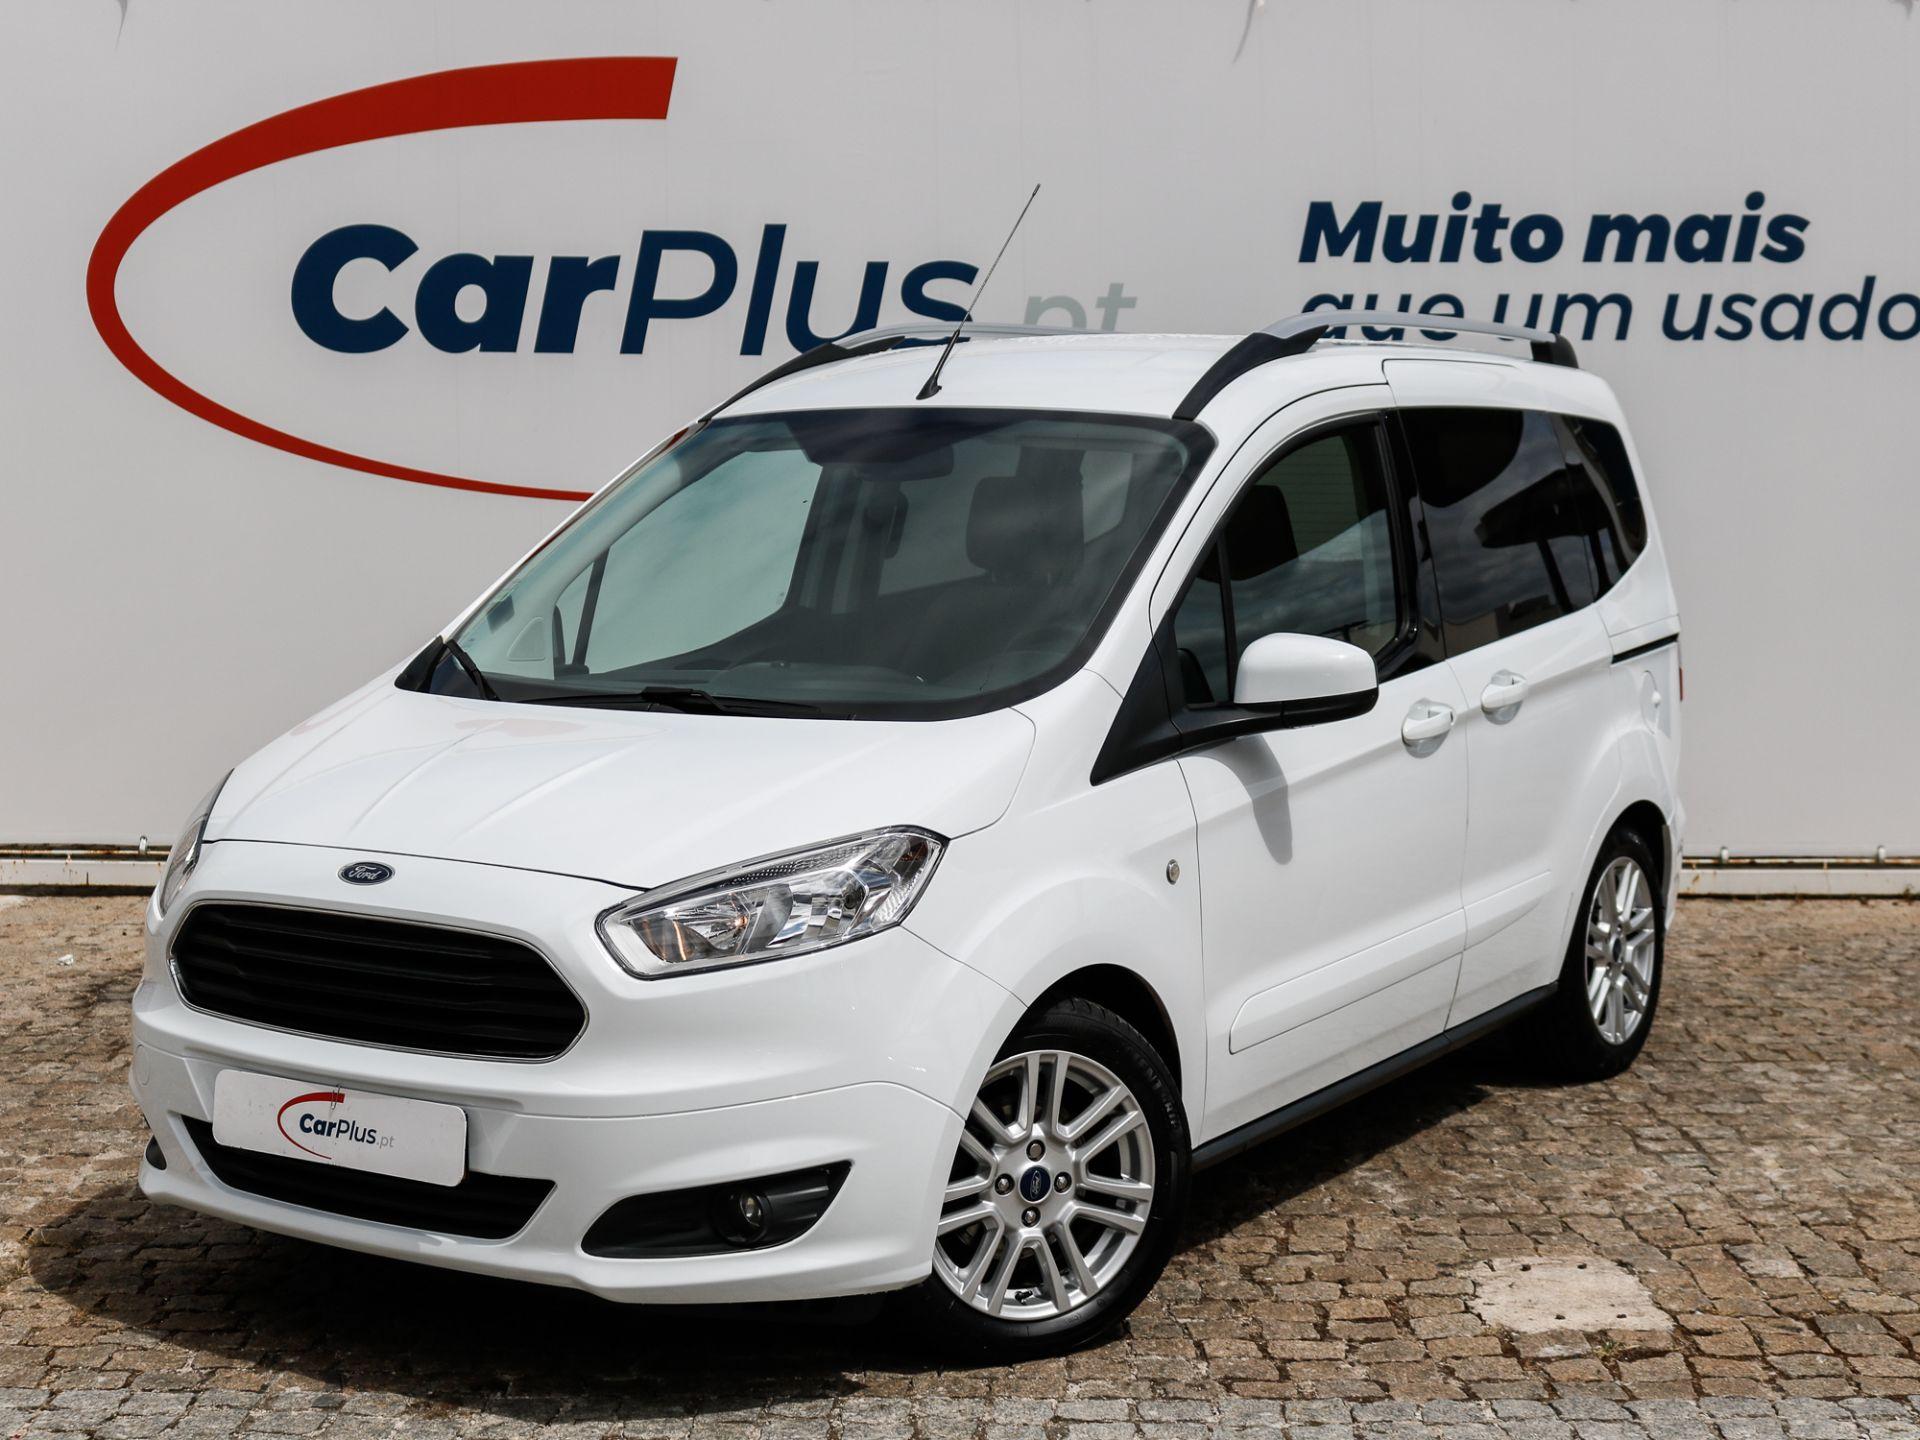 Ford Tourneo Courier 1.0i EcoBoost 100cv Ambiente segunda mão Lisboa